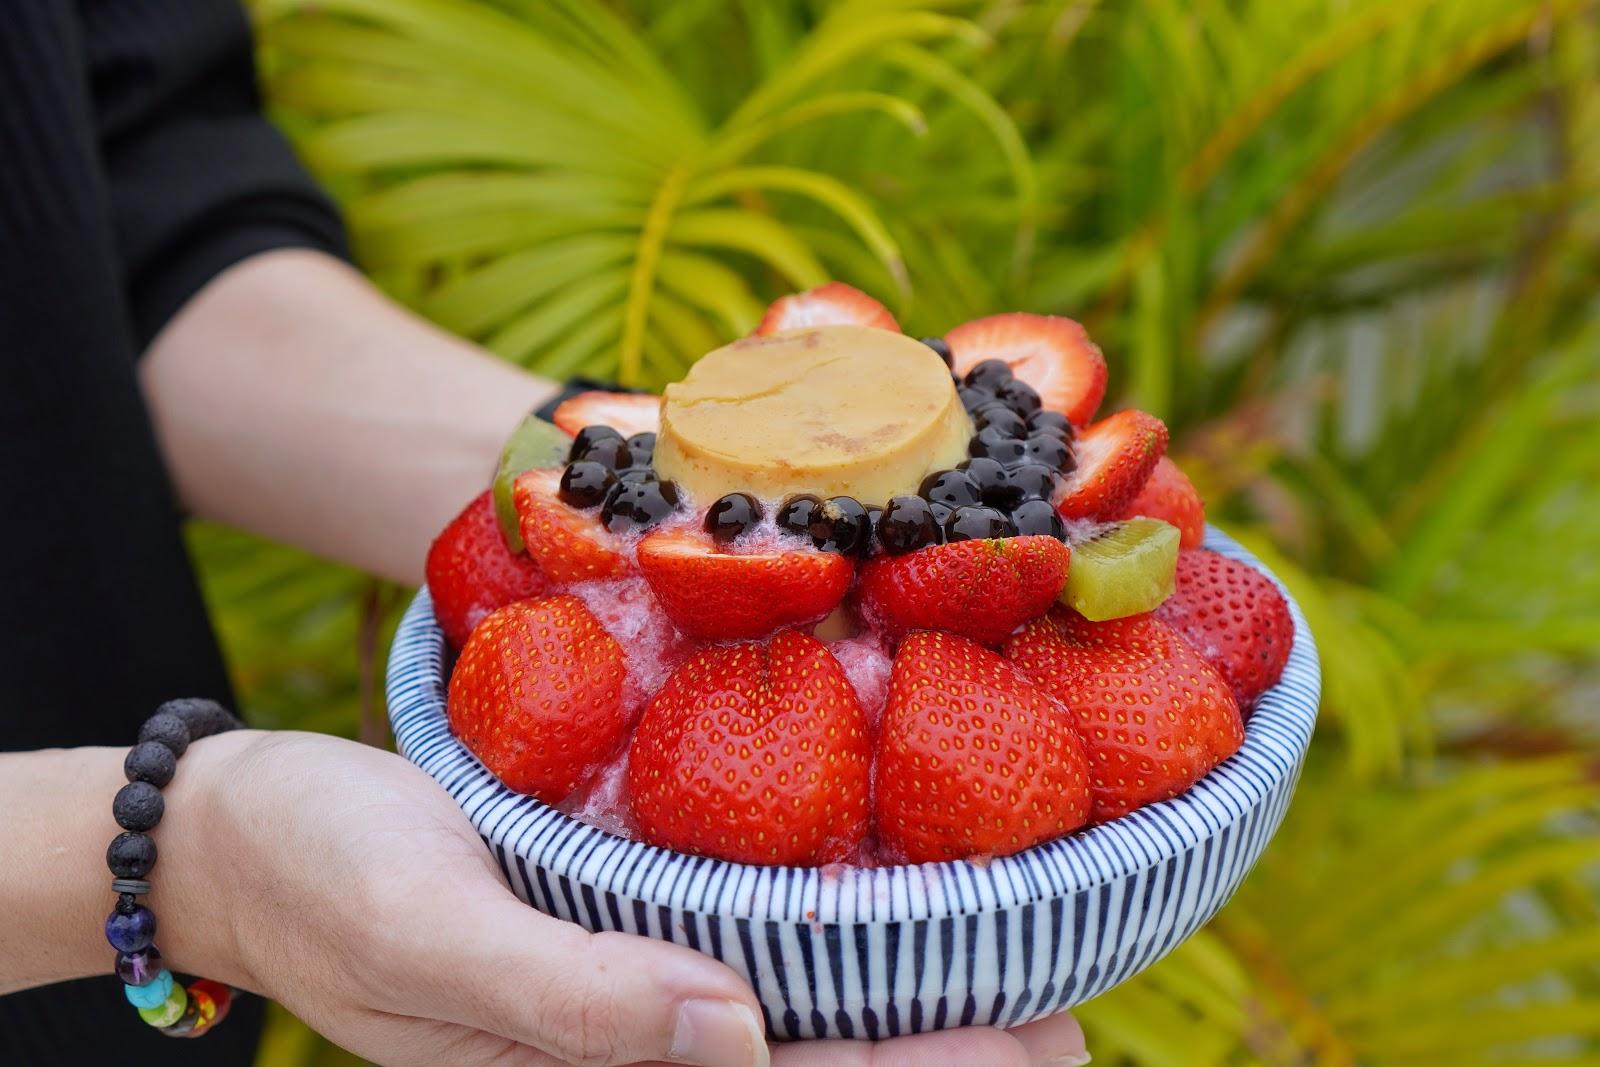 台南安平區美食【南泉冰菓室】草莓布丁冰